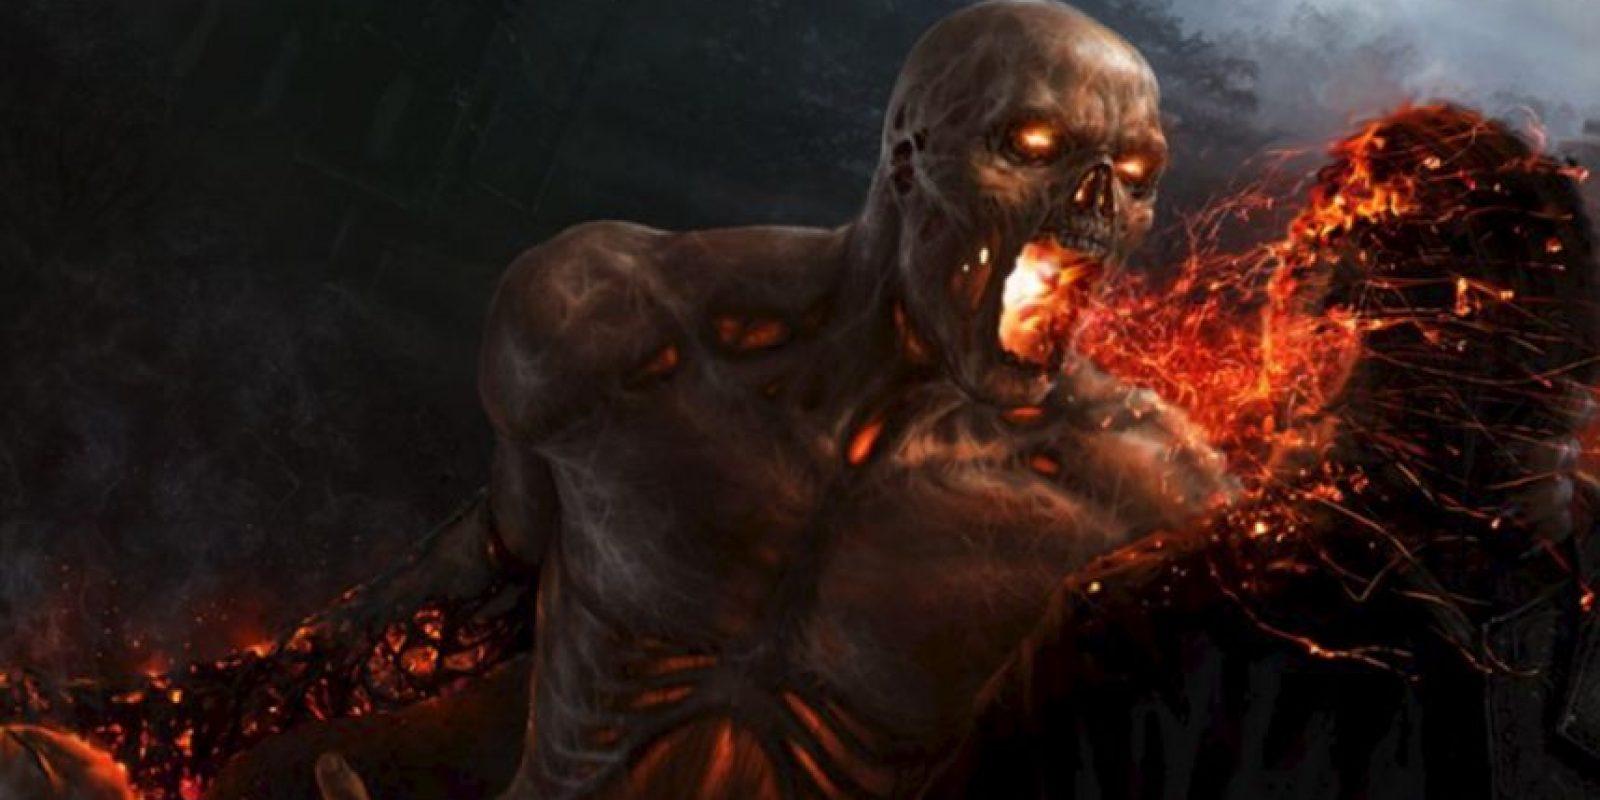 En el ocultismo, el Libro de Abramelin enseñaba a controlar a un demonio para que diera poderes y riquezas. Foto:Tumblr